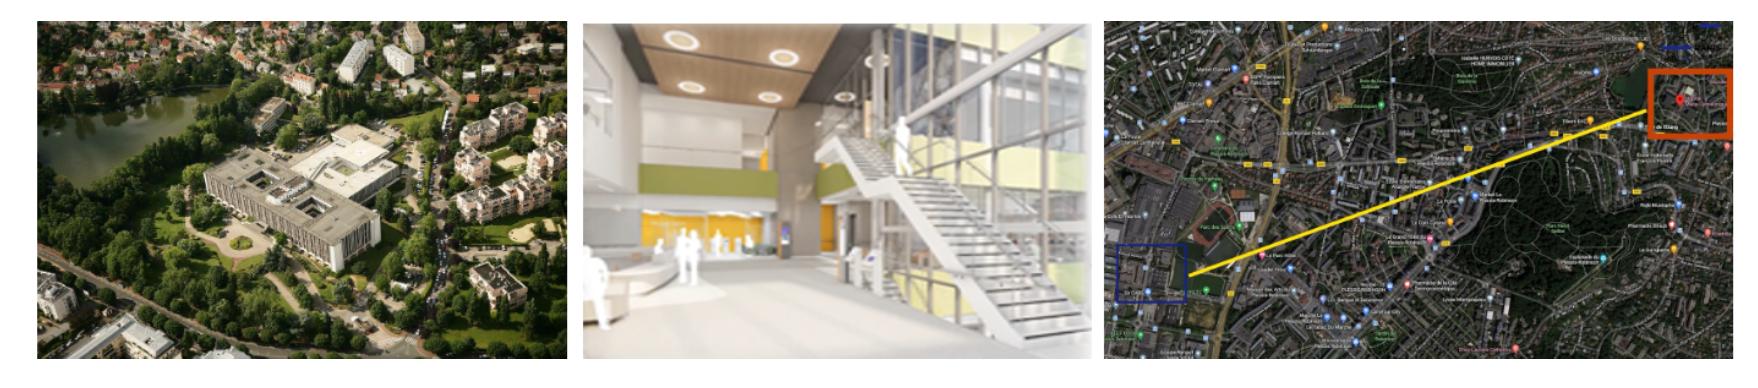 L'hôpital Marie-Lannelongue va être reconstruit au Plessis-Robinson